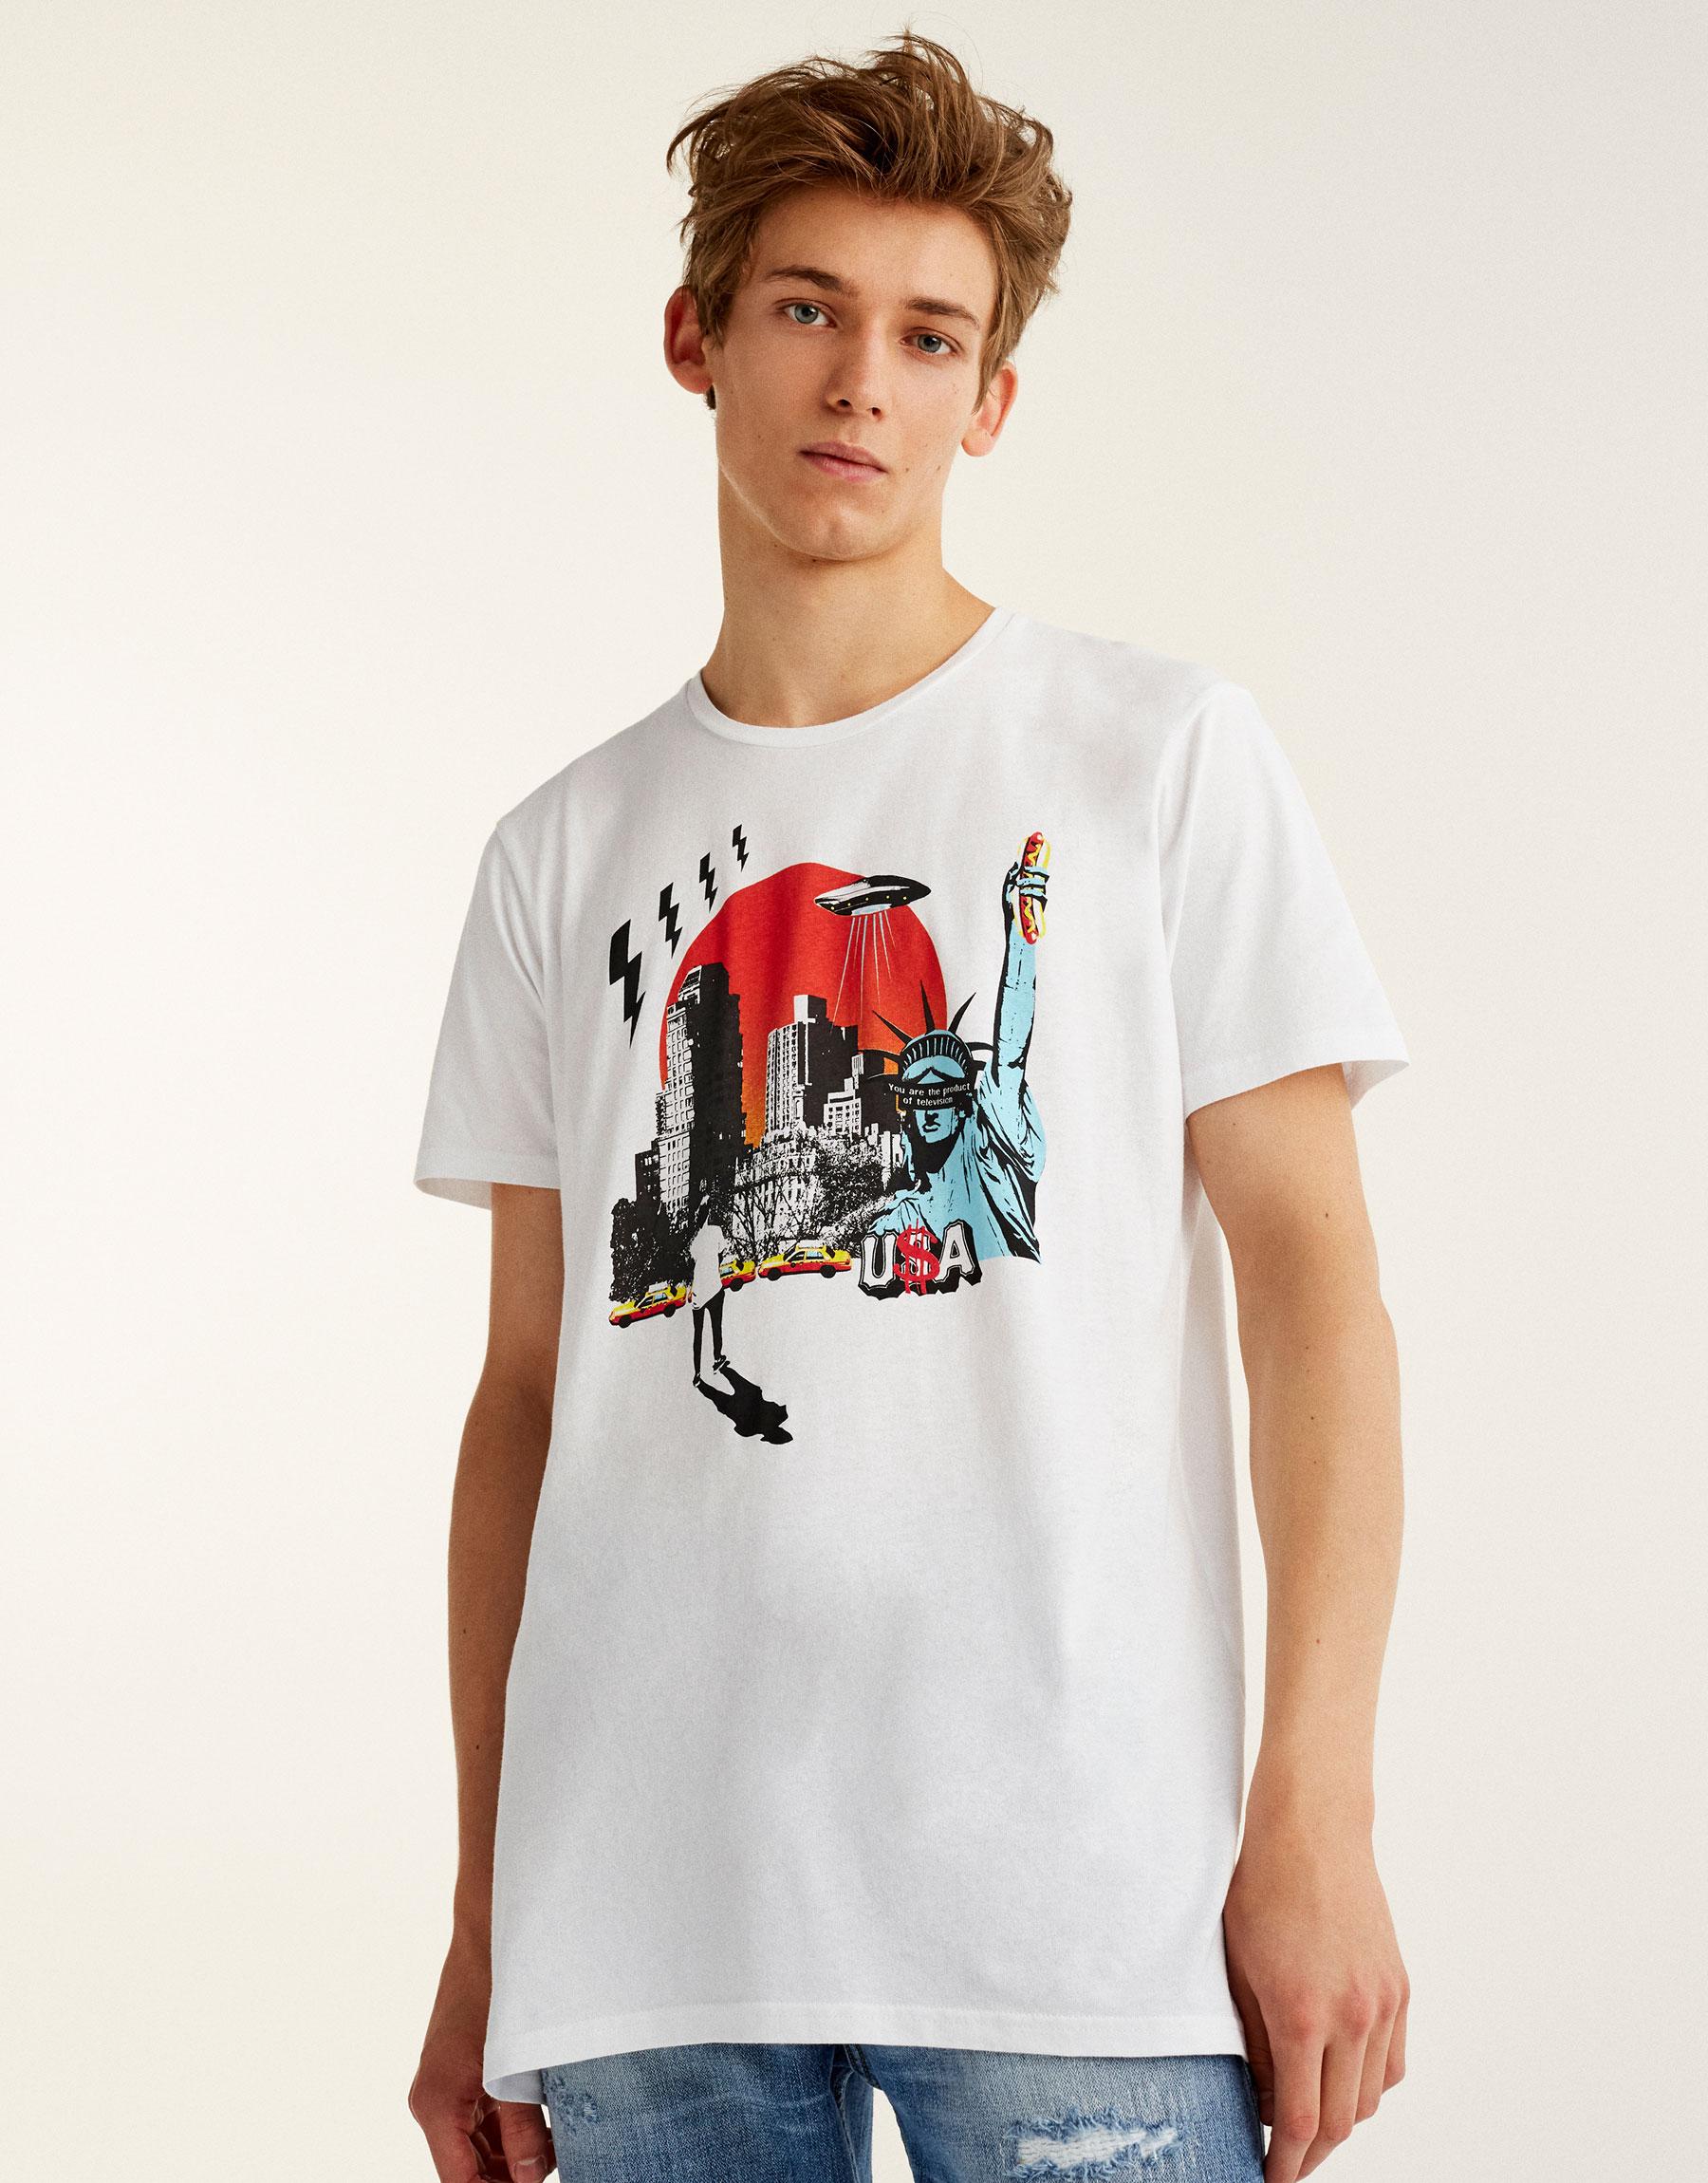 USA print T-shirt